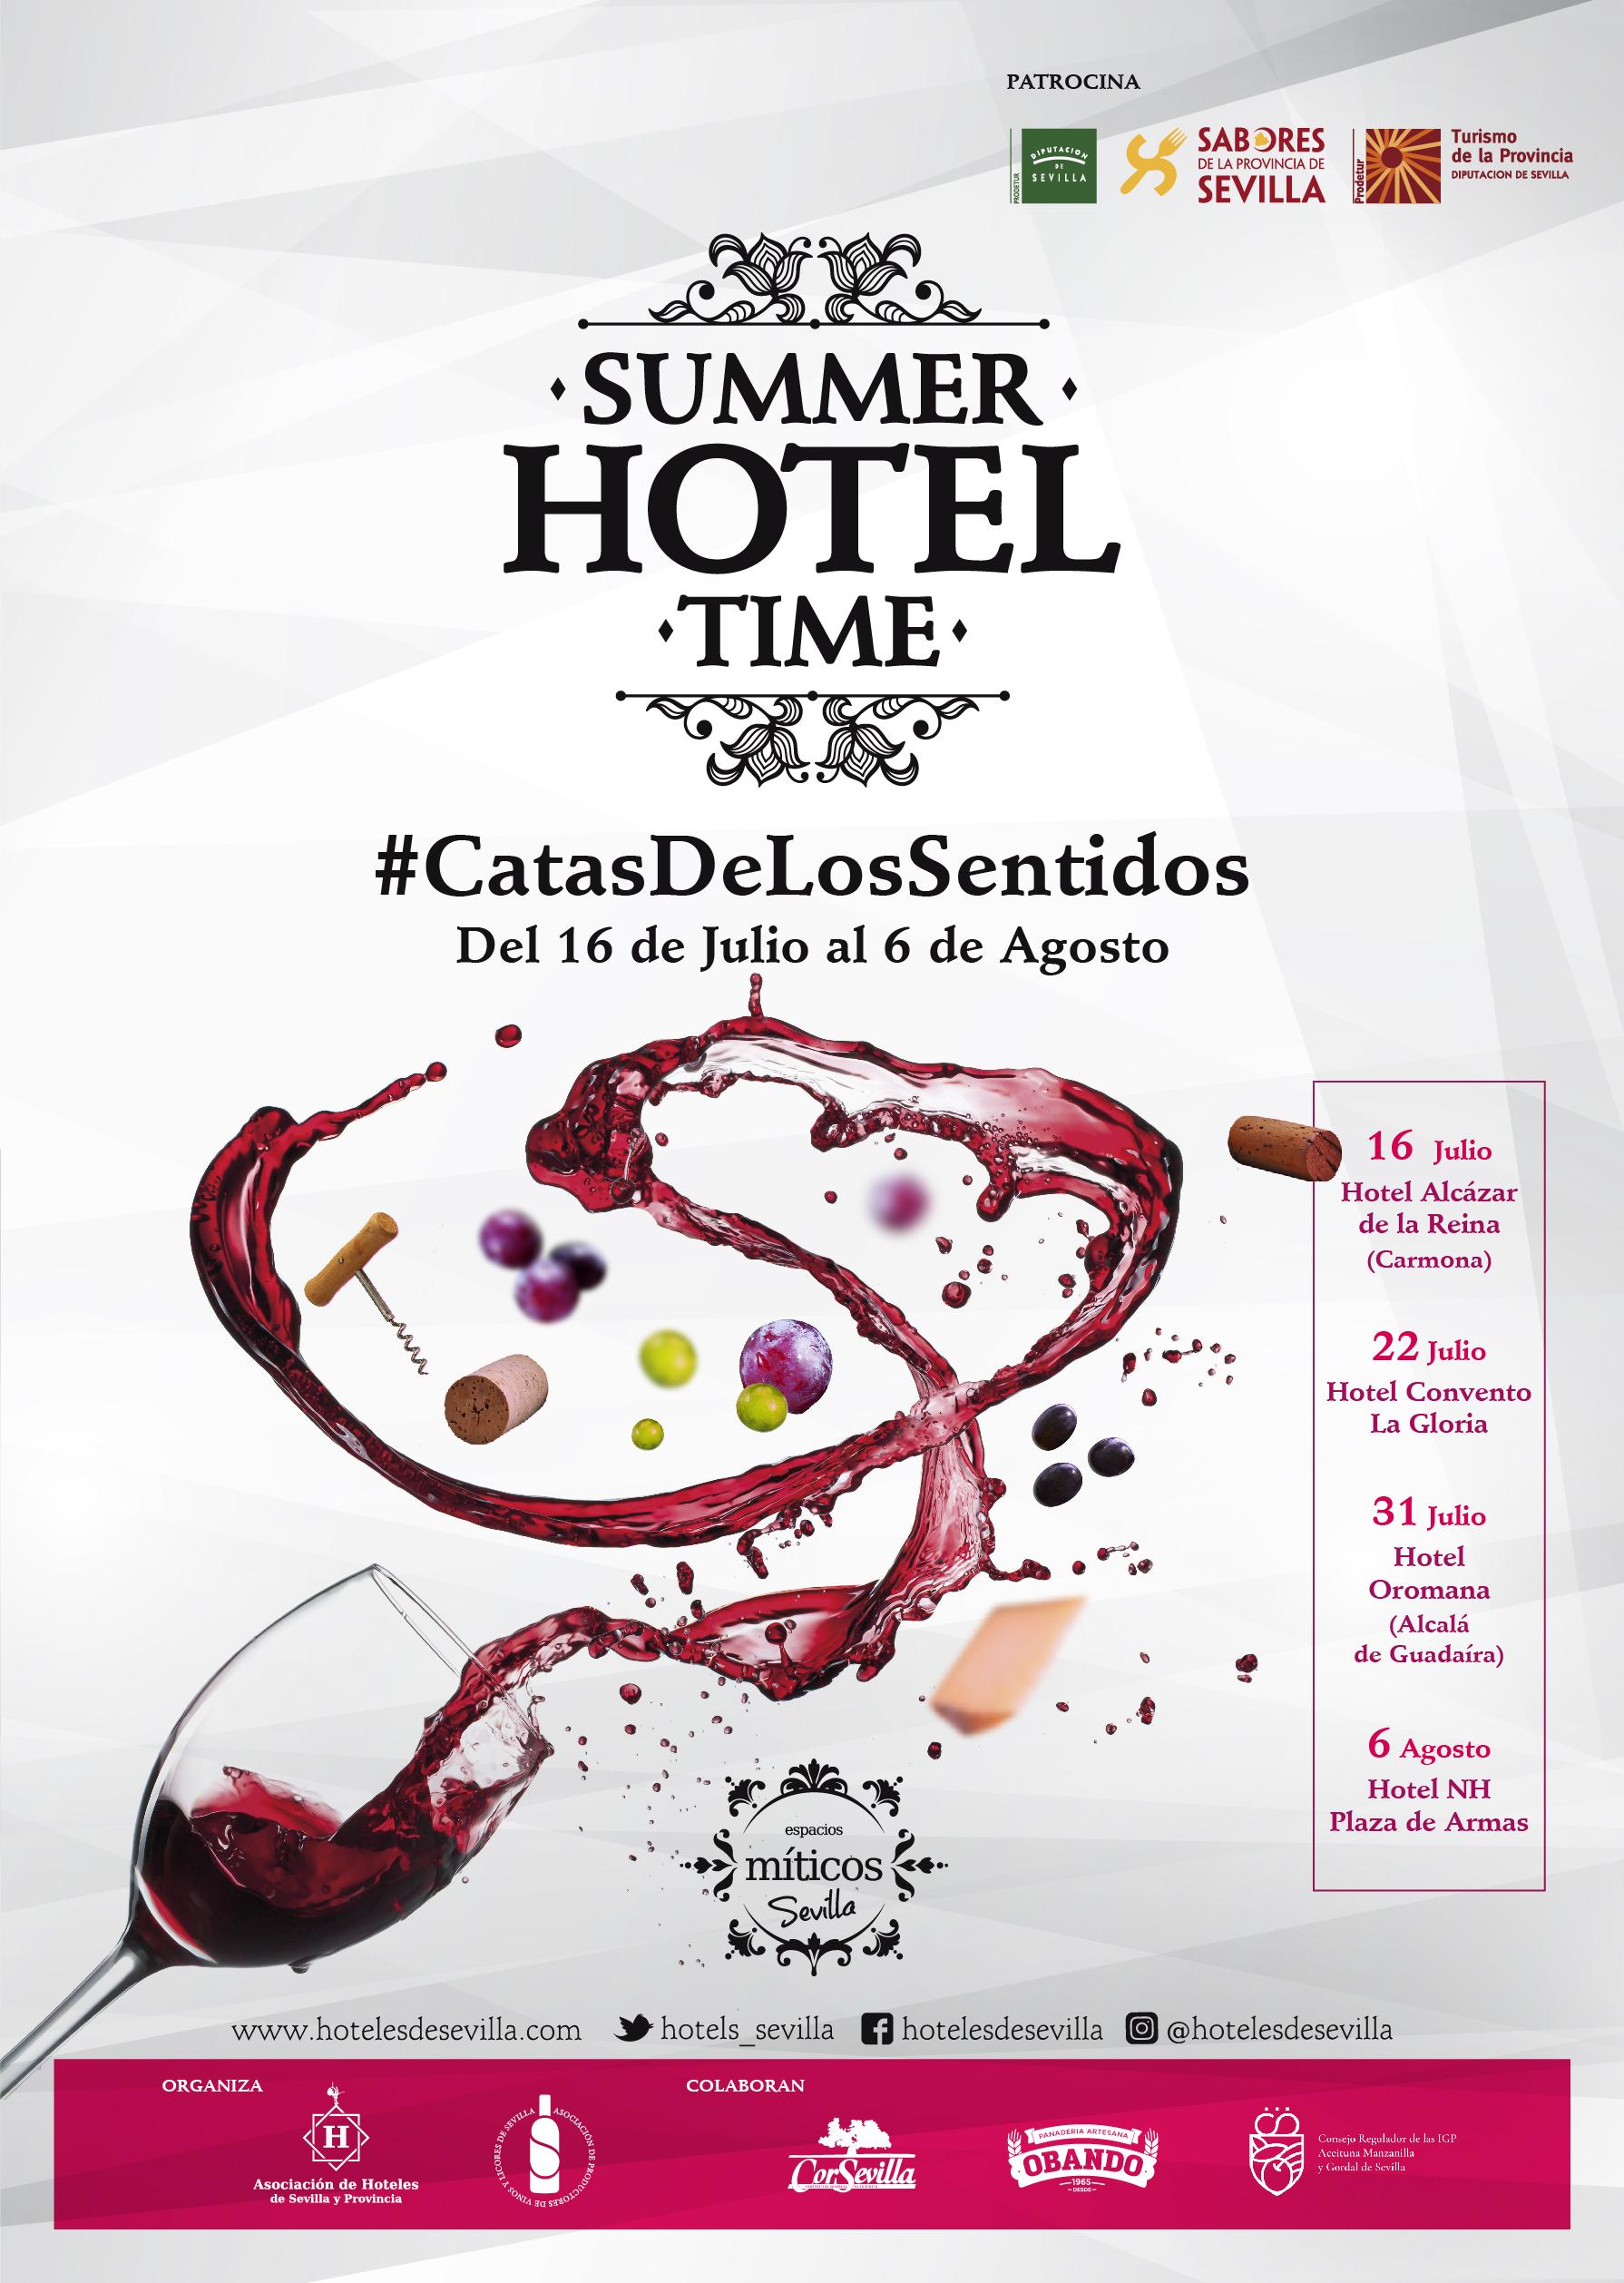 Catas de Vinos y Licores en los hoteles de Sevilla como homenaje a las personas que han servido a la sociedad durante el confinamiento